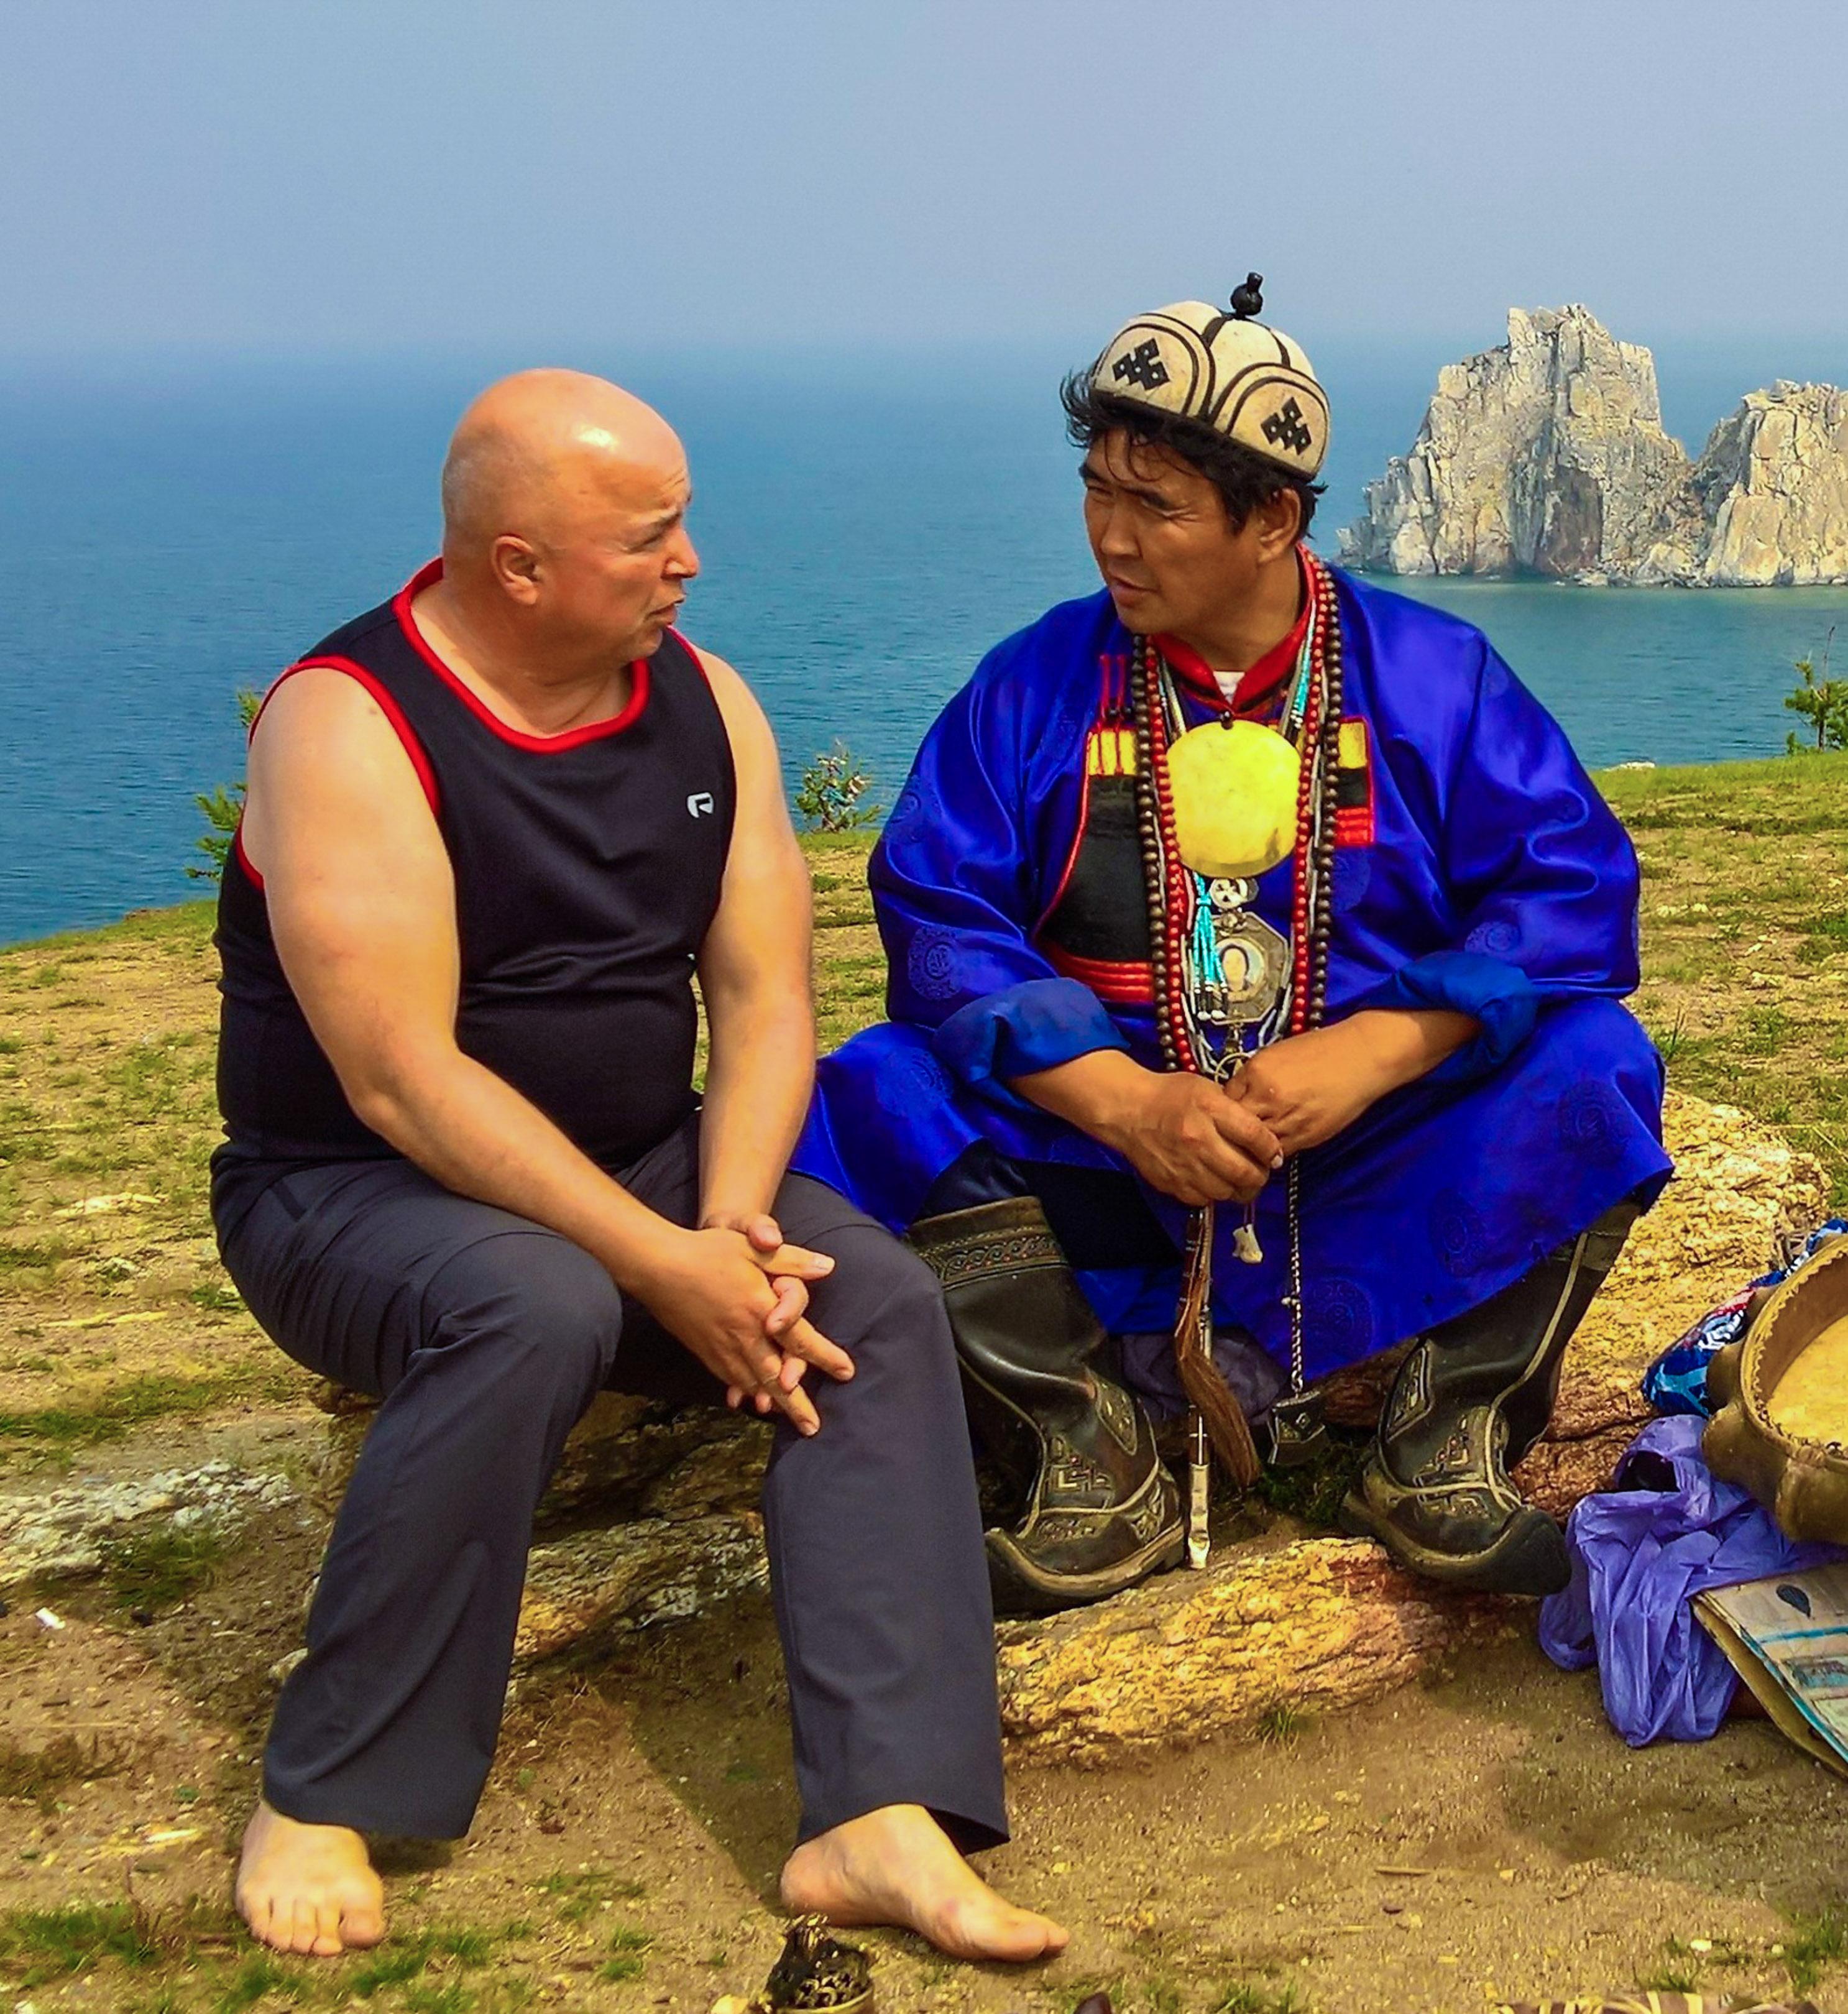 beim legendären burjatisch-mongolischen Schamanen Valentin Hagdaev - Gespräch über Heiliges und den Frieden